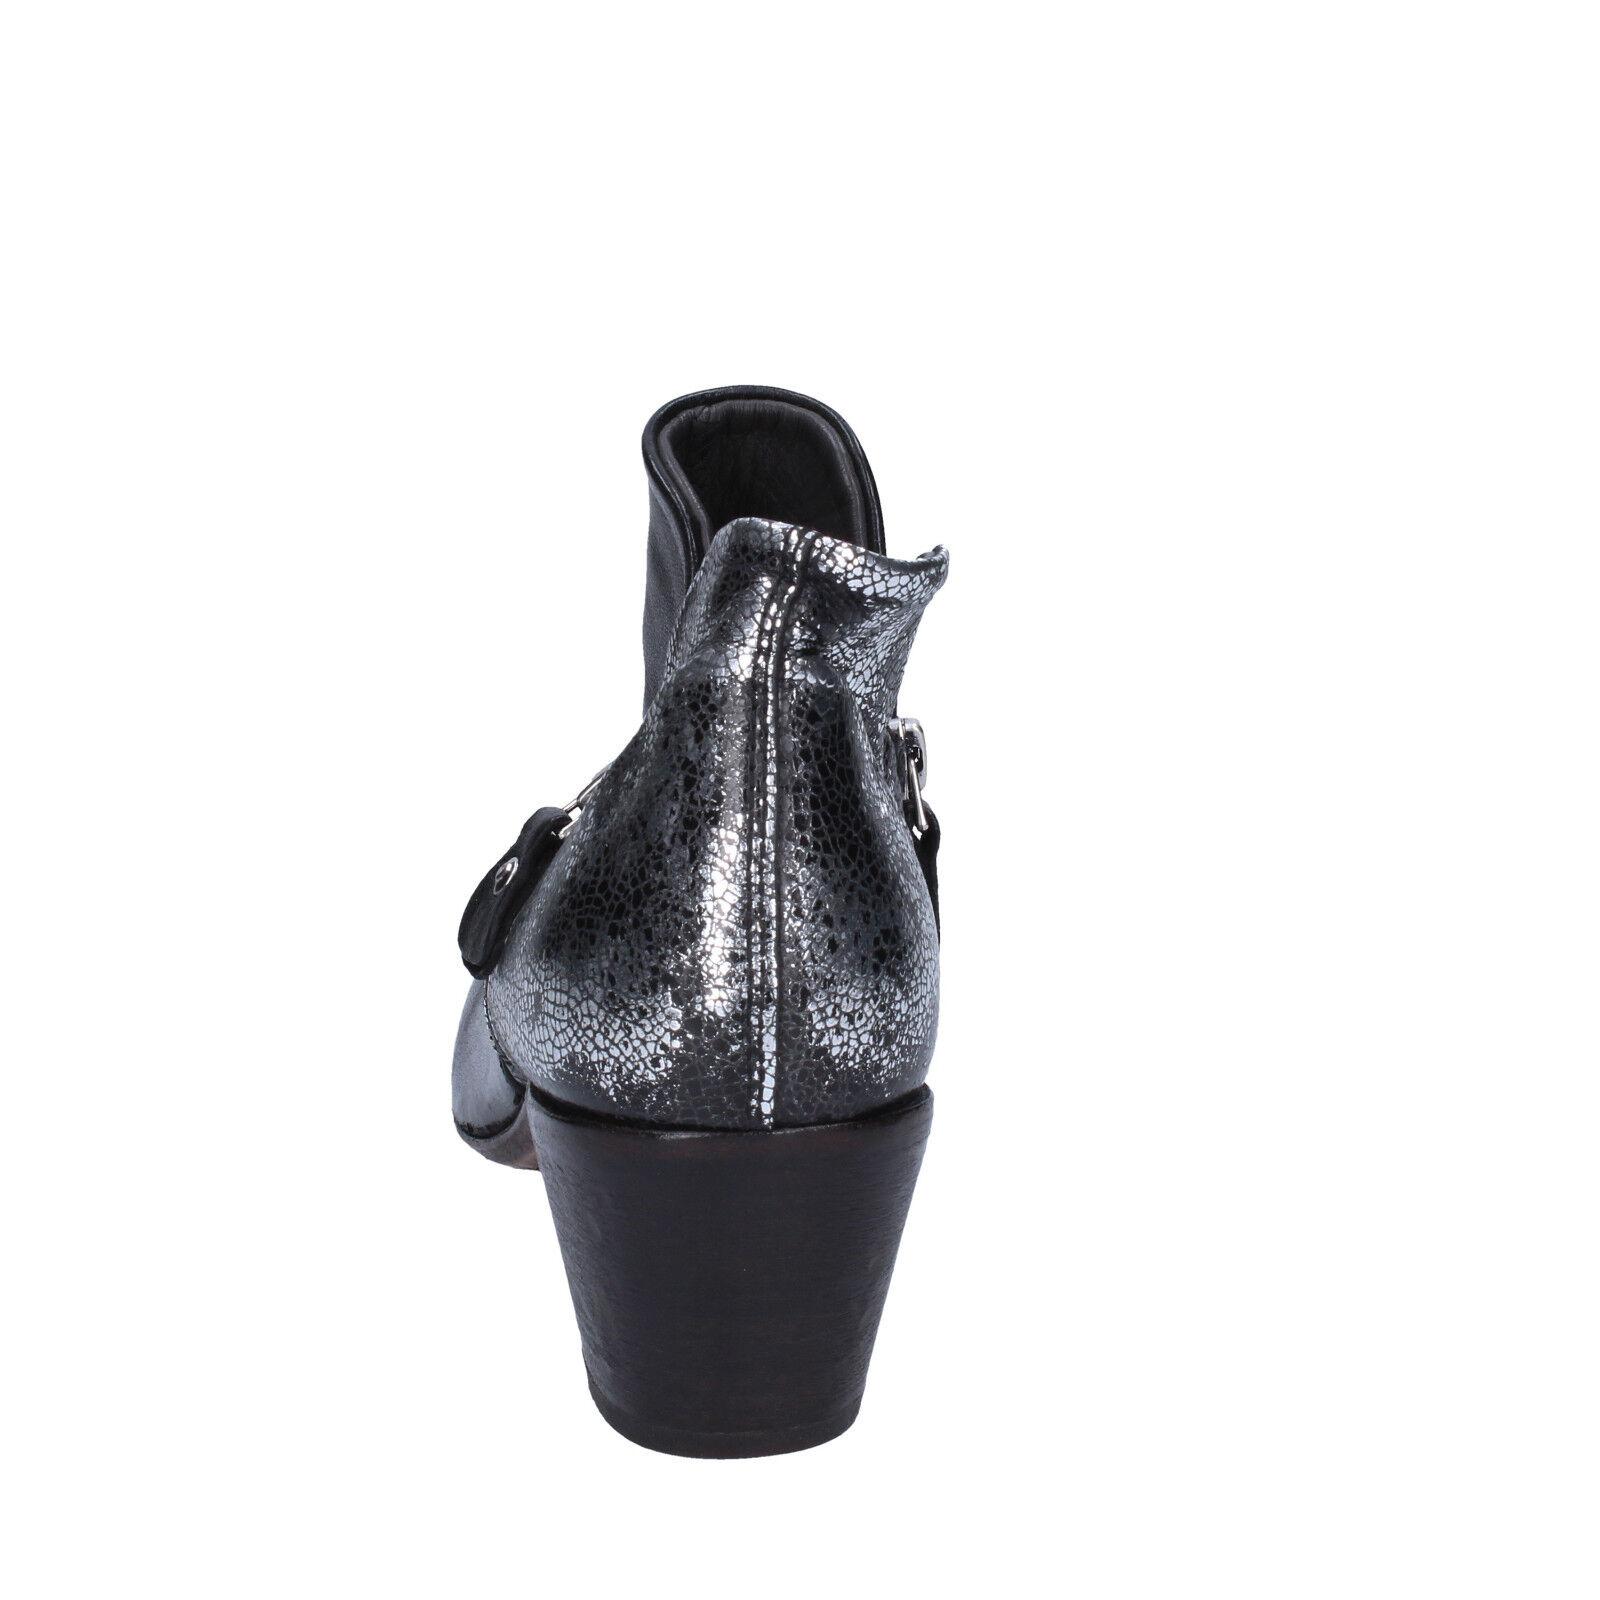 Damen schuhe MOMA BT38-35,5 35,5 EU stiefeletten silber schwarz leder BT38-35,5 MOMA 72a063